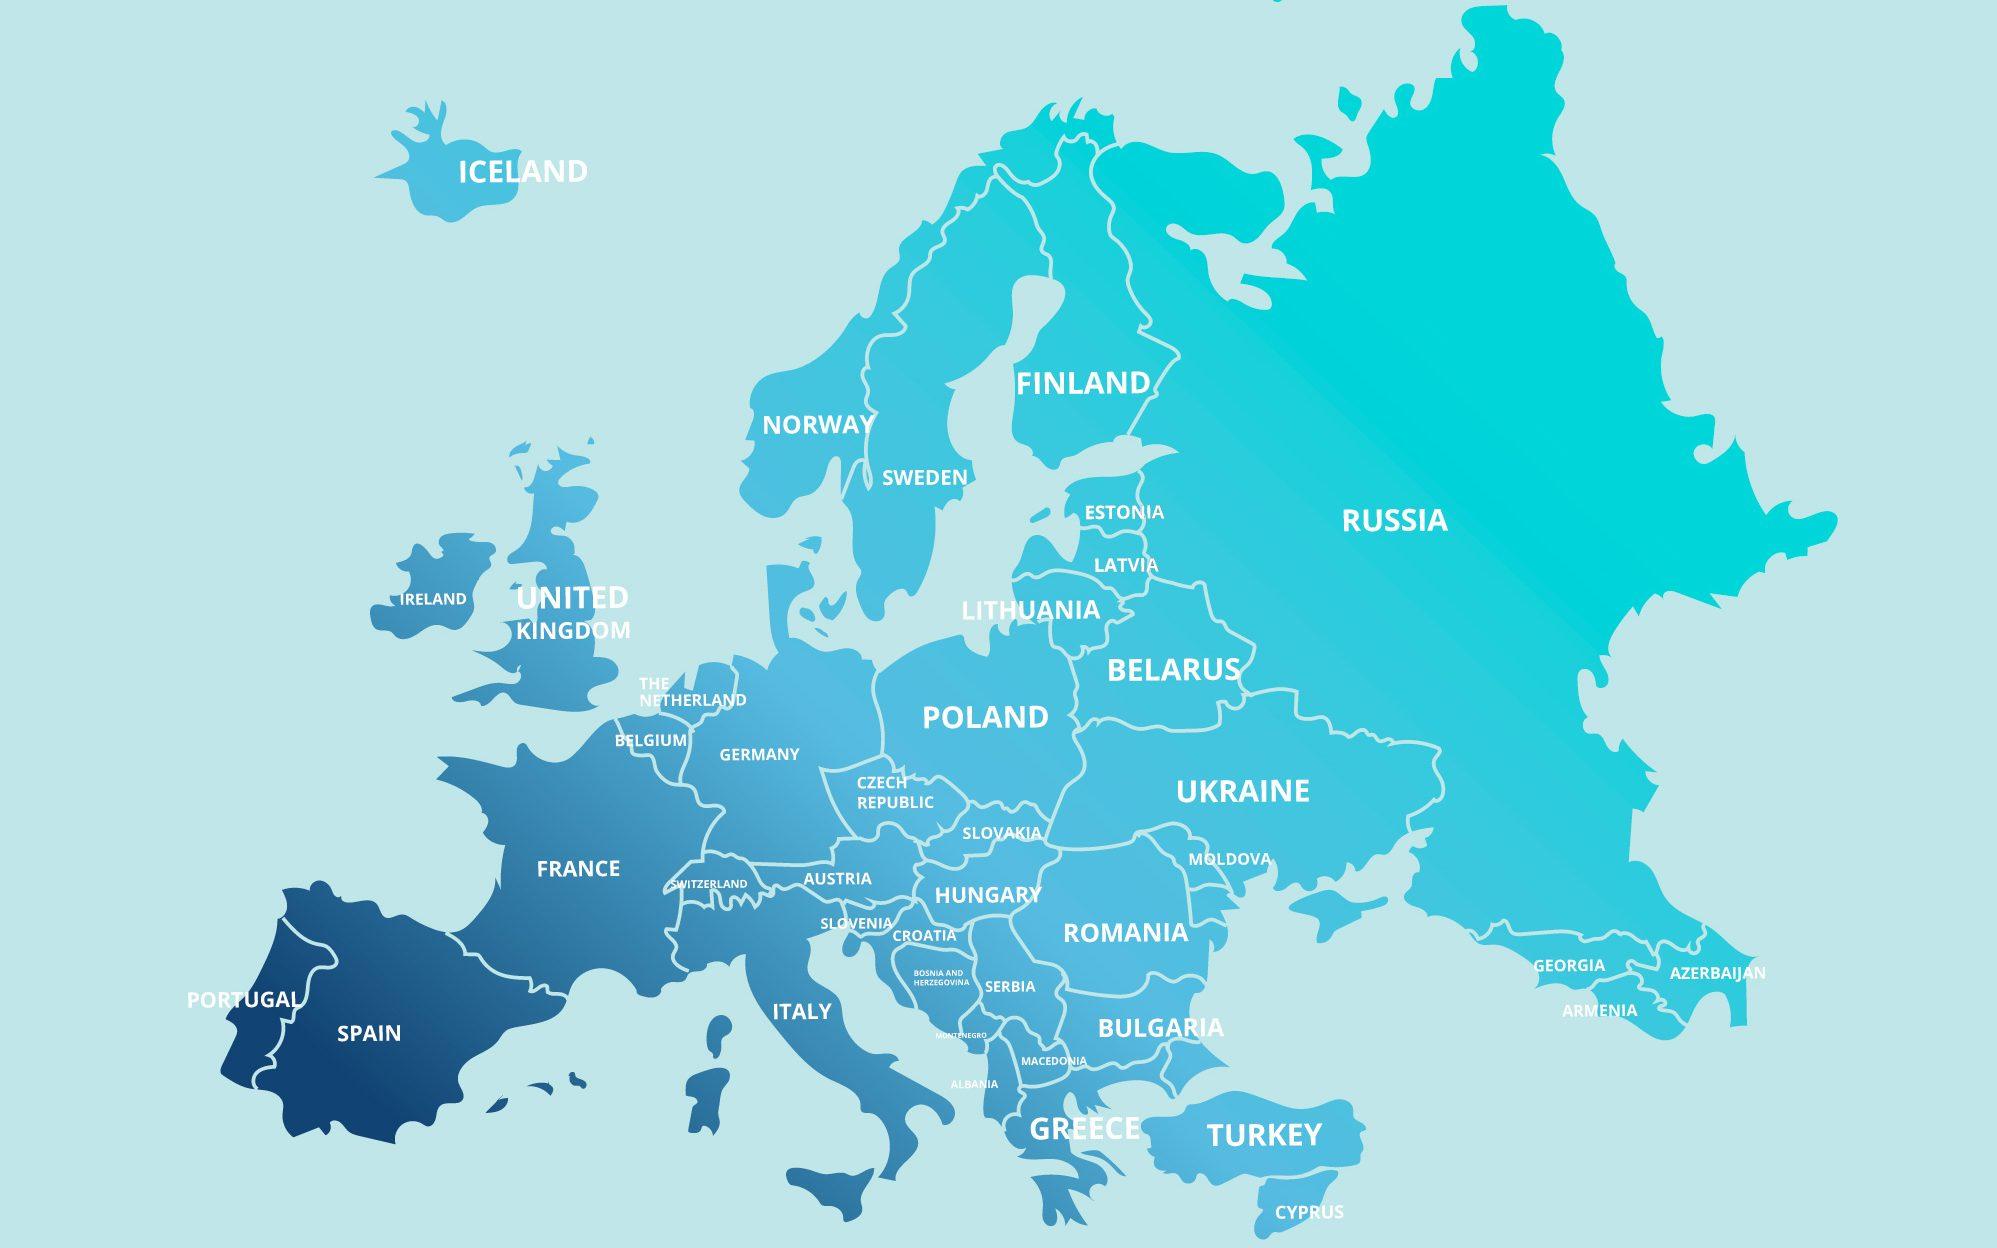 Inilah negara-negara benua Eropa, iklim, dan letak astronomis.